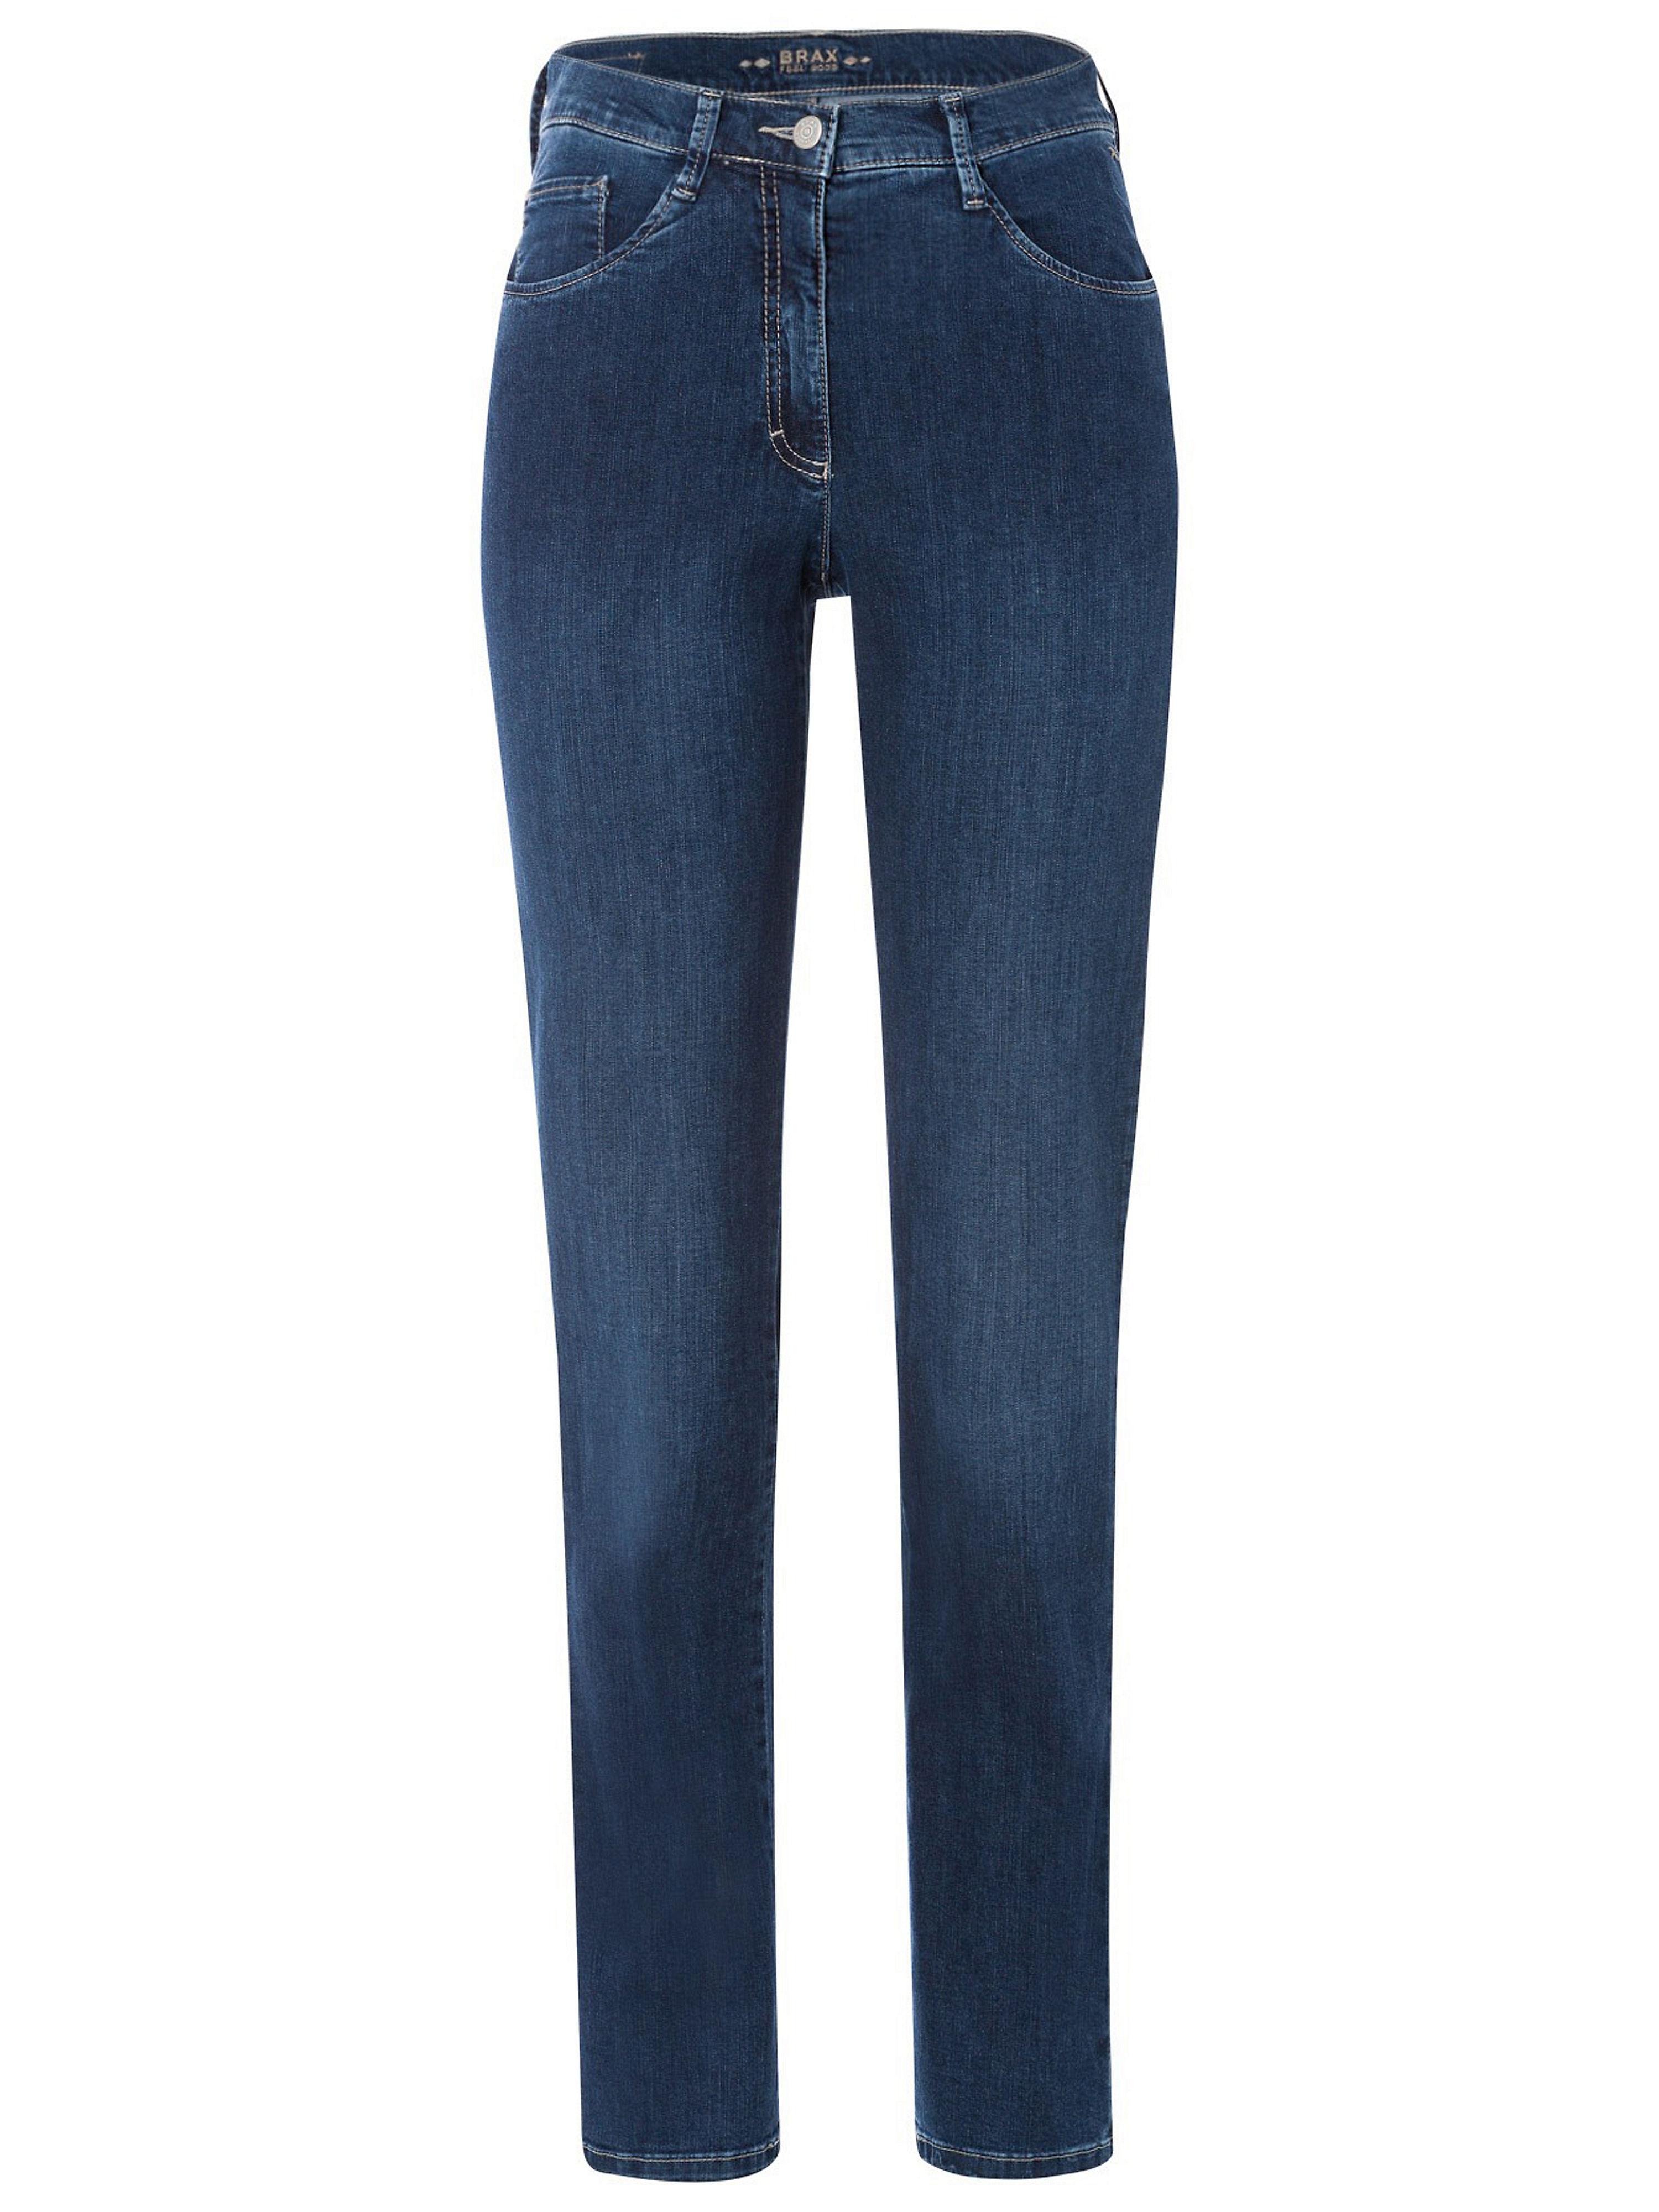 Image of   'Slim Fit'-jeans fra Brax Feel Good. Model MARY Fra Brax Feel Good denim